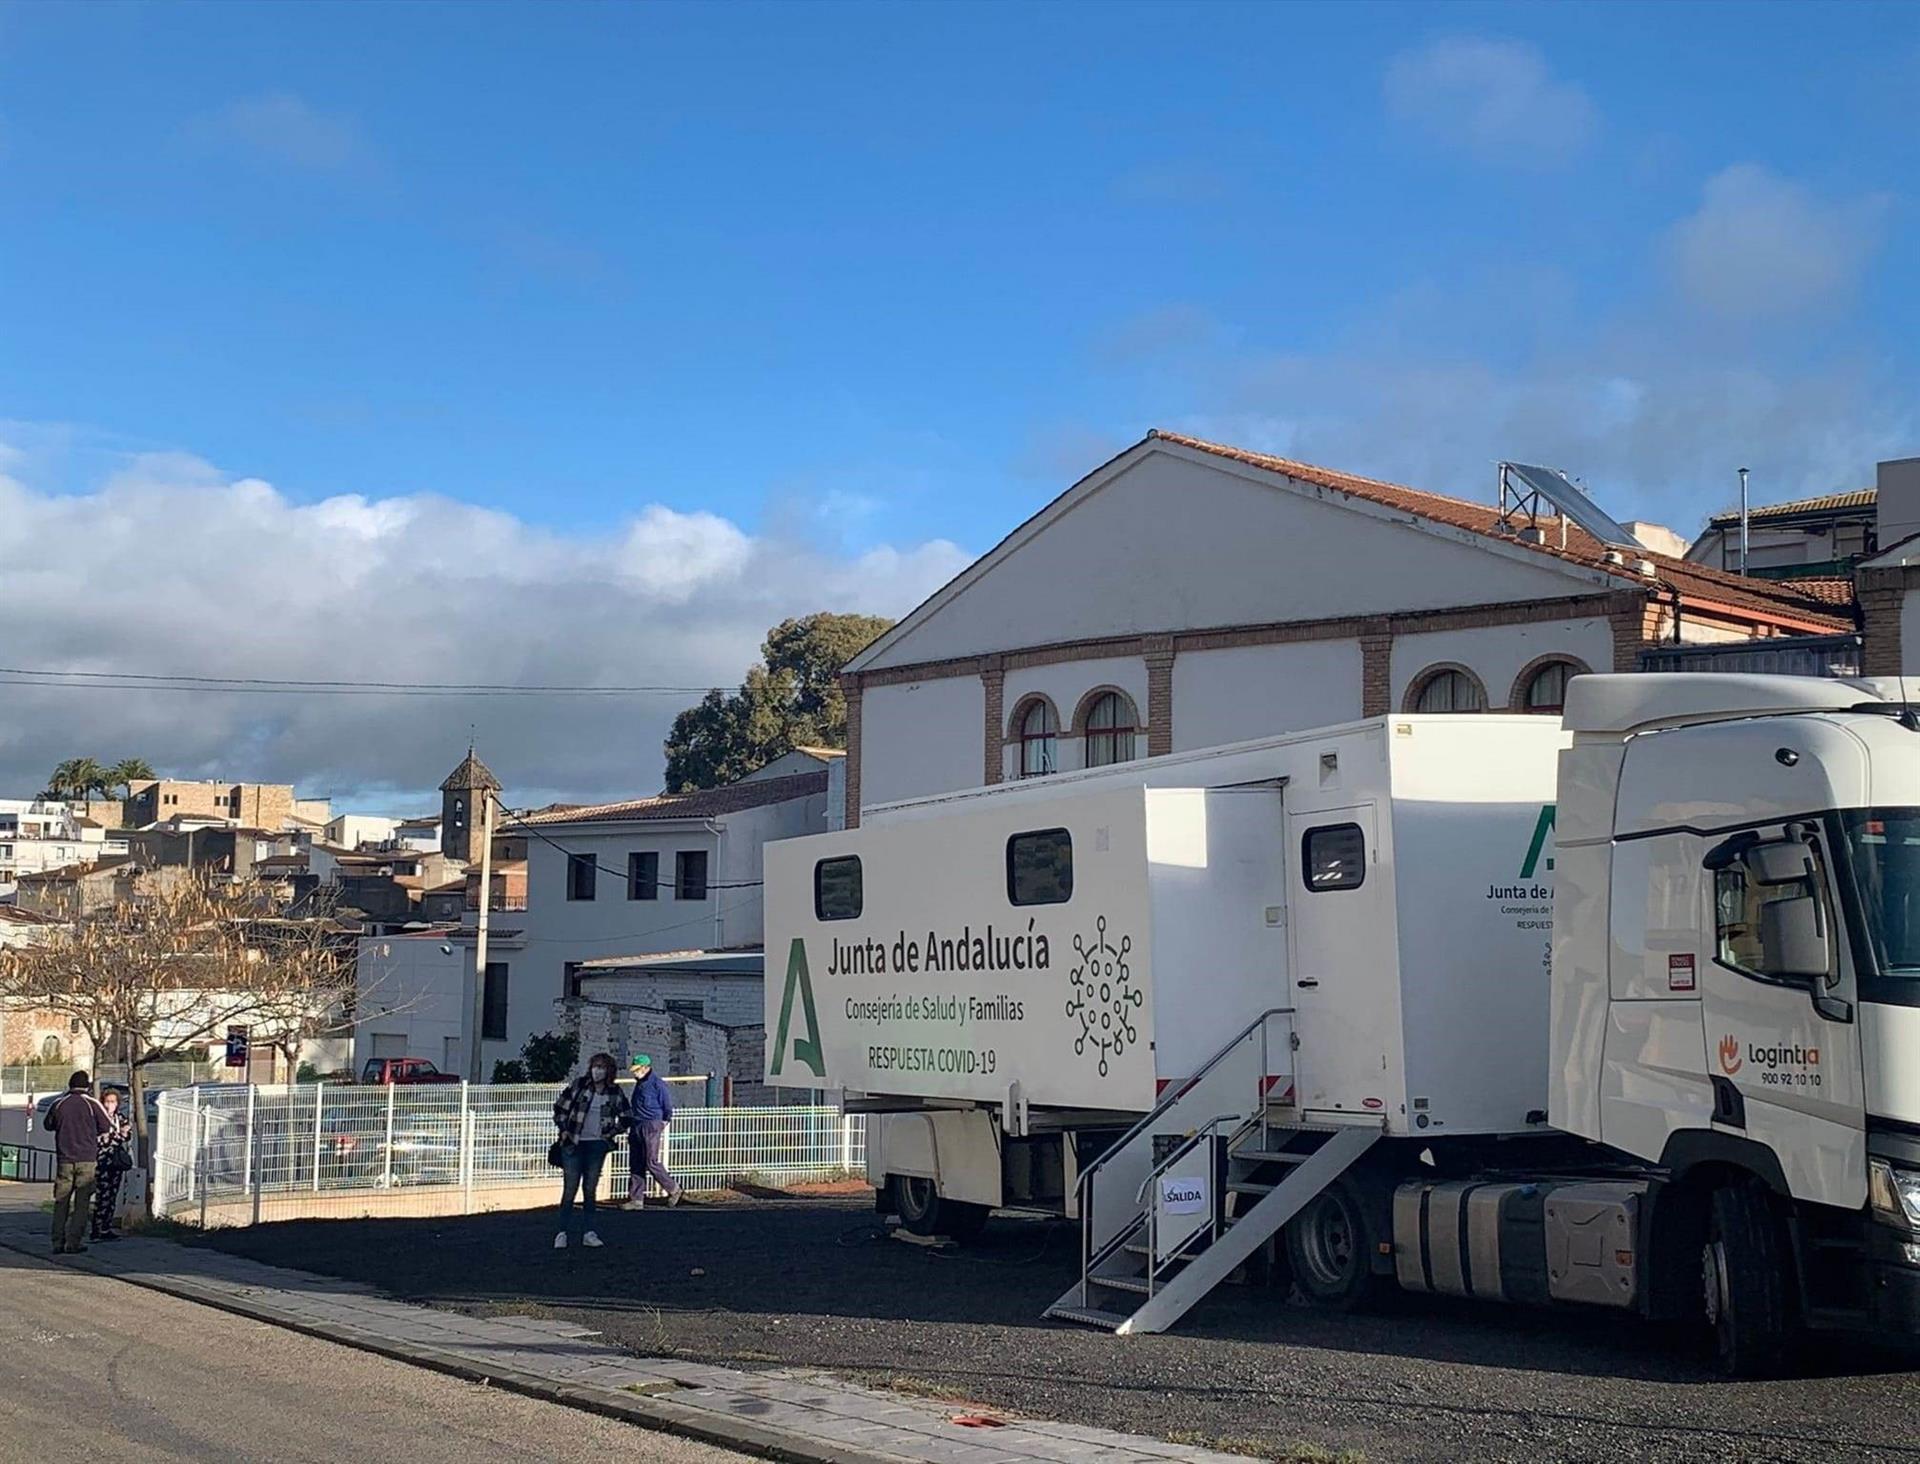 Granada capital se mantiene en riesgo extremo por Covid-19 por cuarta semana consecutiva